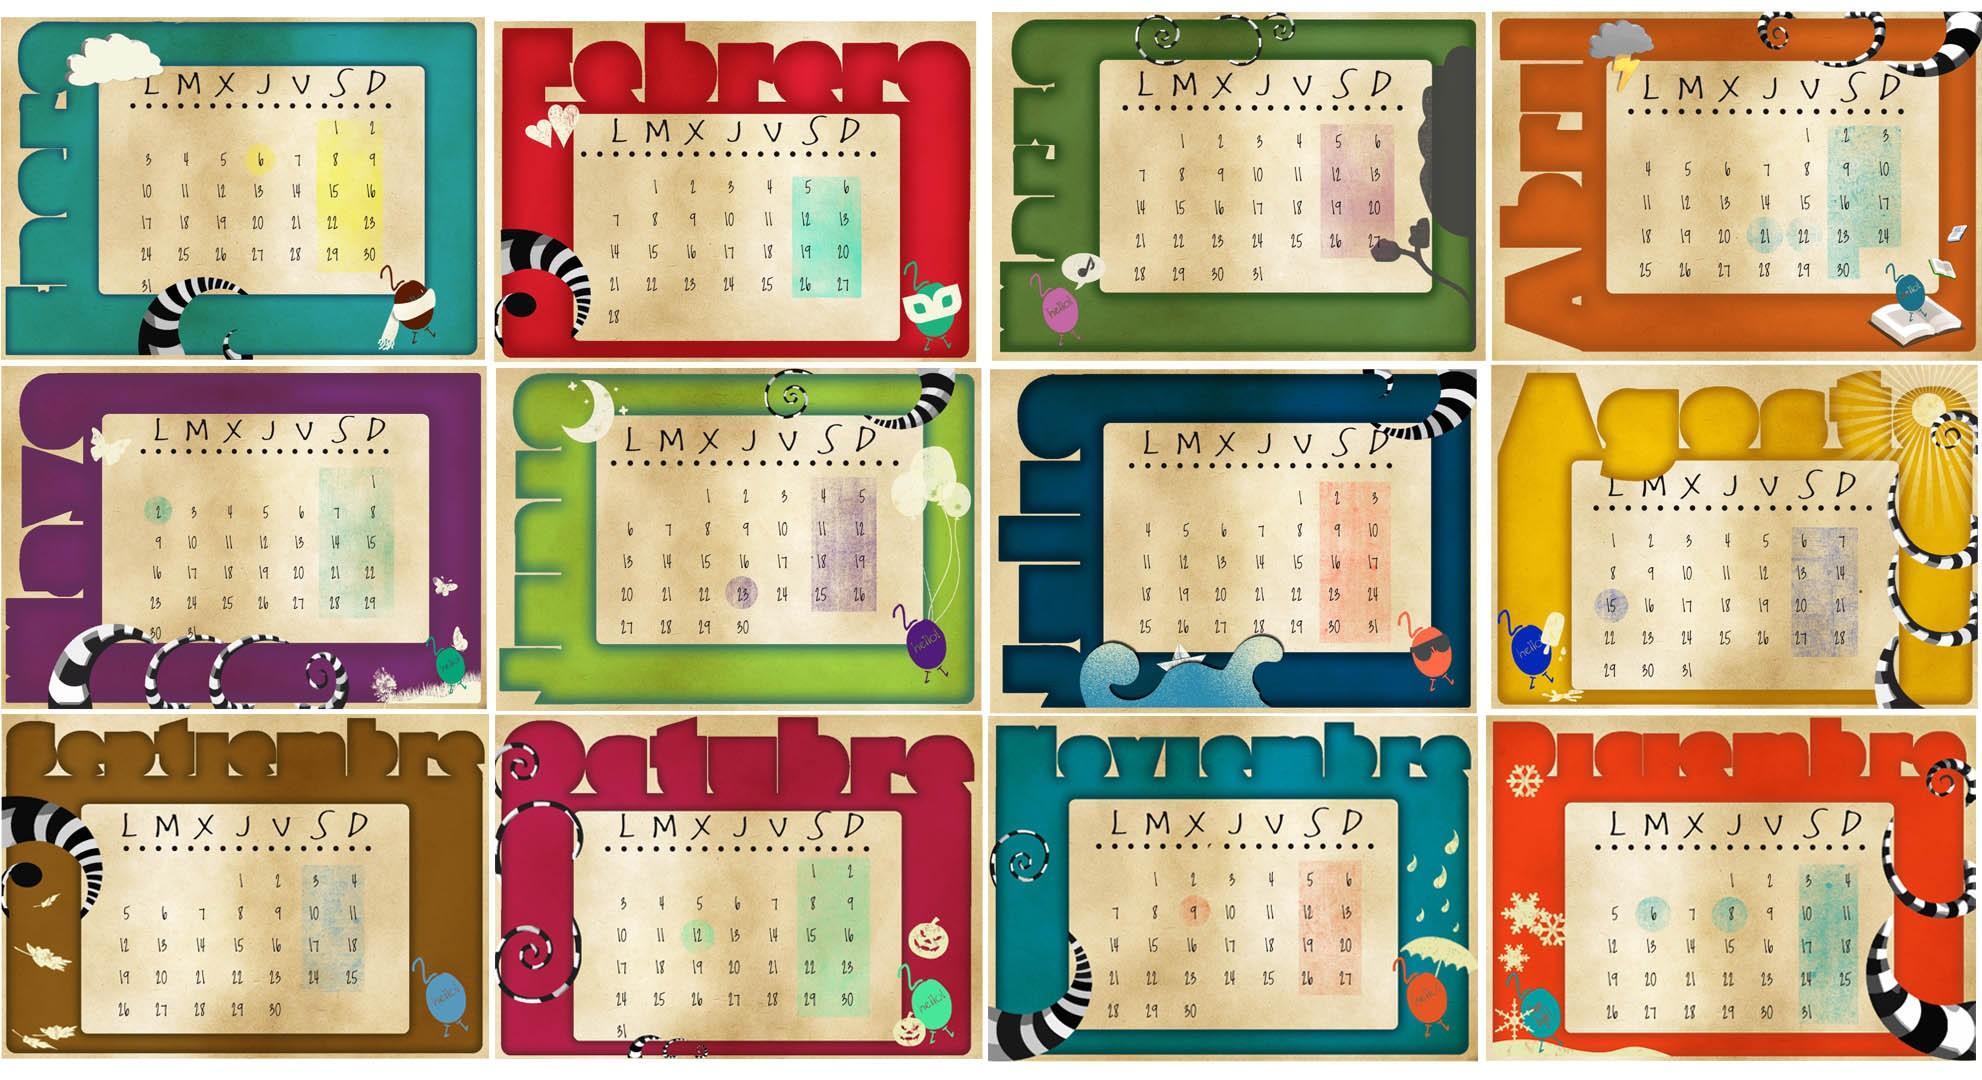 Calendarios Para Imprimir 2017 Animados Recientes Diseos De Calendarios Awesome Calendario Pantone with Diseos De Of Calendarios Para Imprimir 2017 Animados Más Caliente Ios 11 todo sobre El Nuevo Sistema Operativo Del iPhone Y Ipad